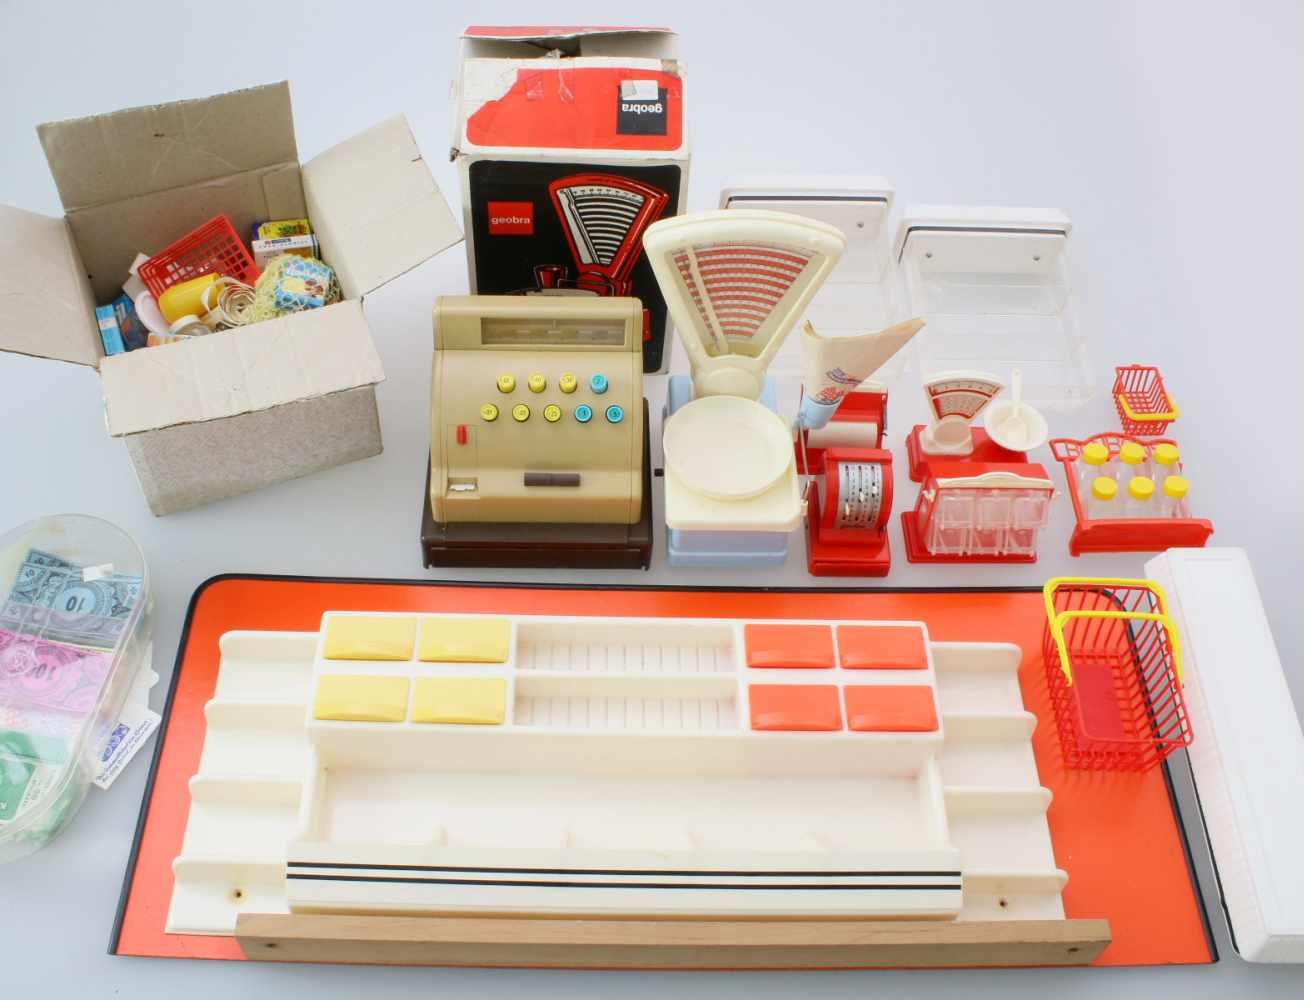 Kaufladen 60er Jahre mit Kasse, Waage und ZubehörGroße, funktionsfähige Kasse mit Bondrucker, Geobra